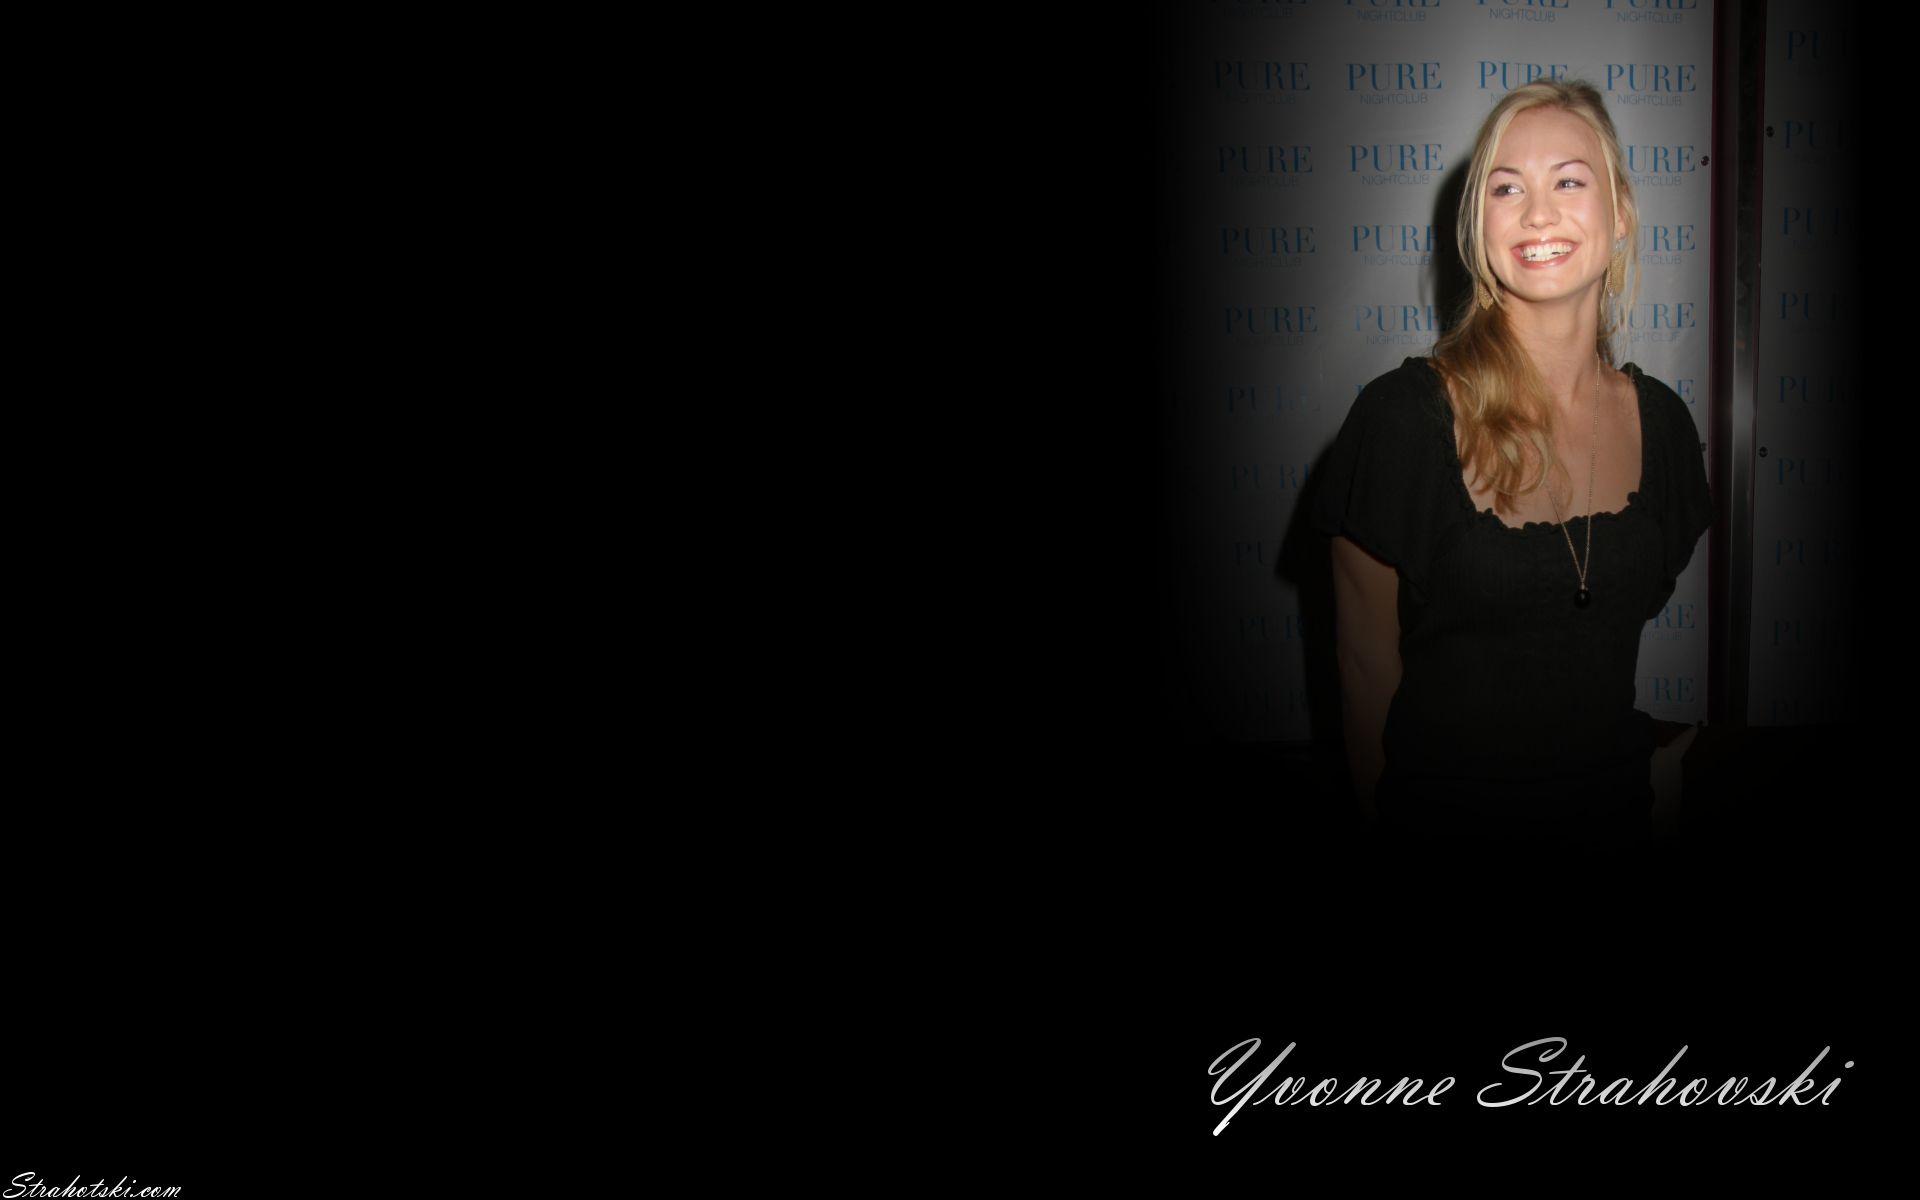 Yvonne Strahovski Wallpapers HD 1920x1200